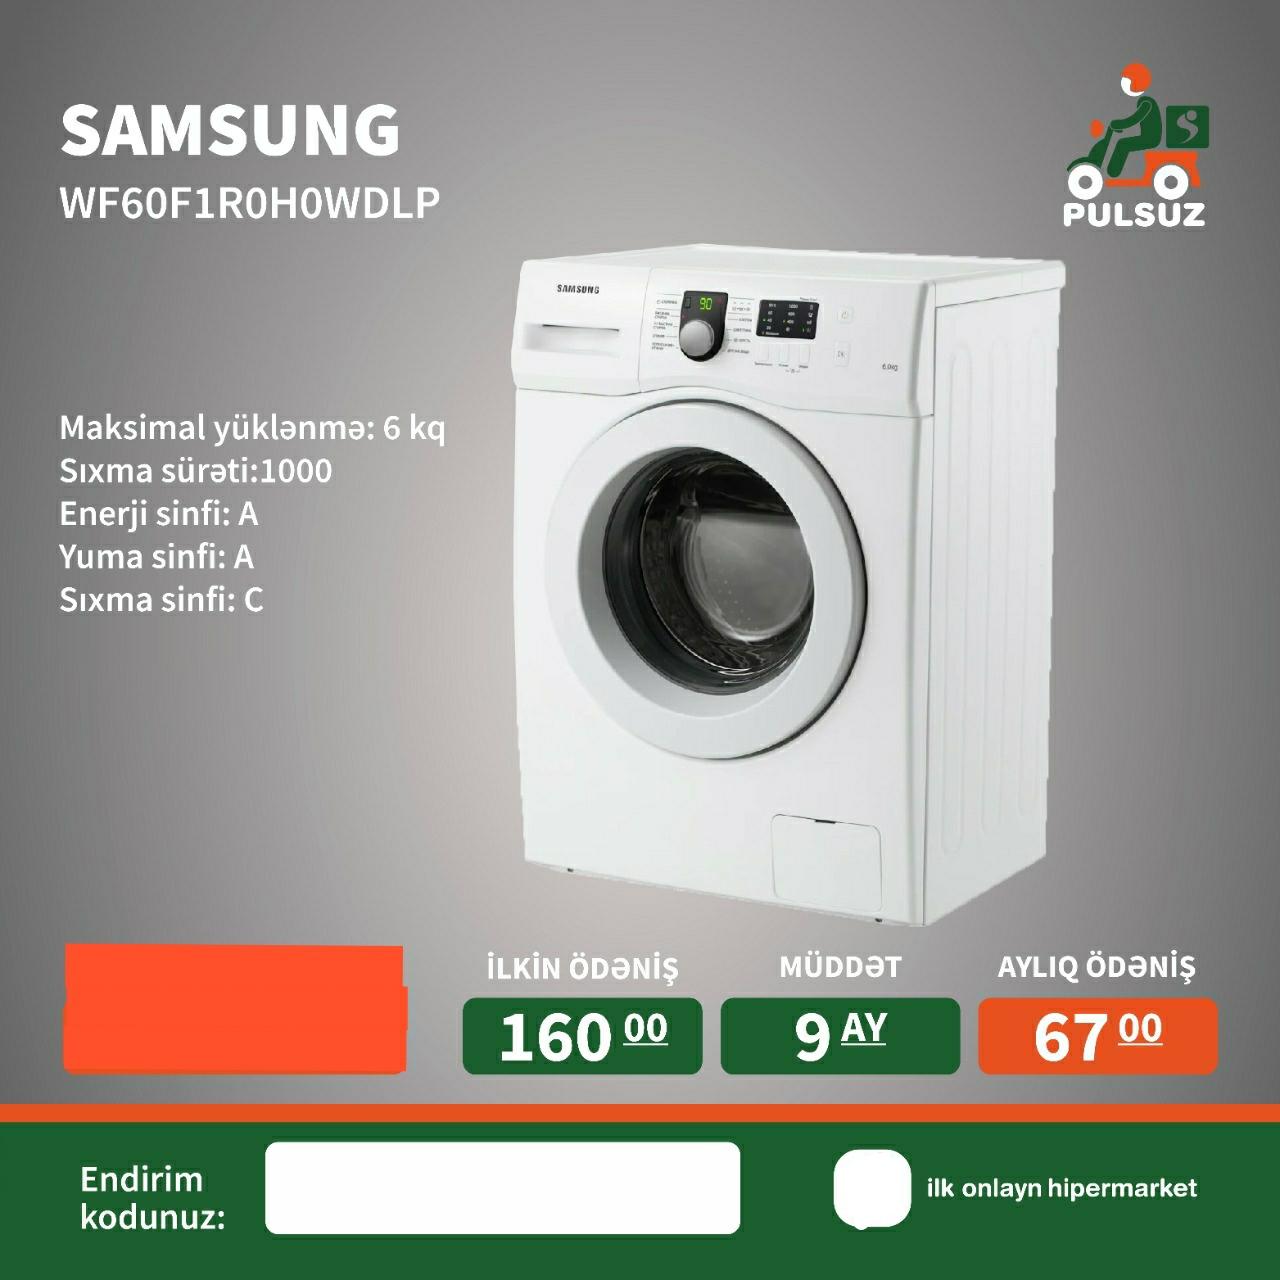 Paltaryuyan maşın Samsung Maksimal yüklənmə: 6 kq Sıxma